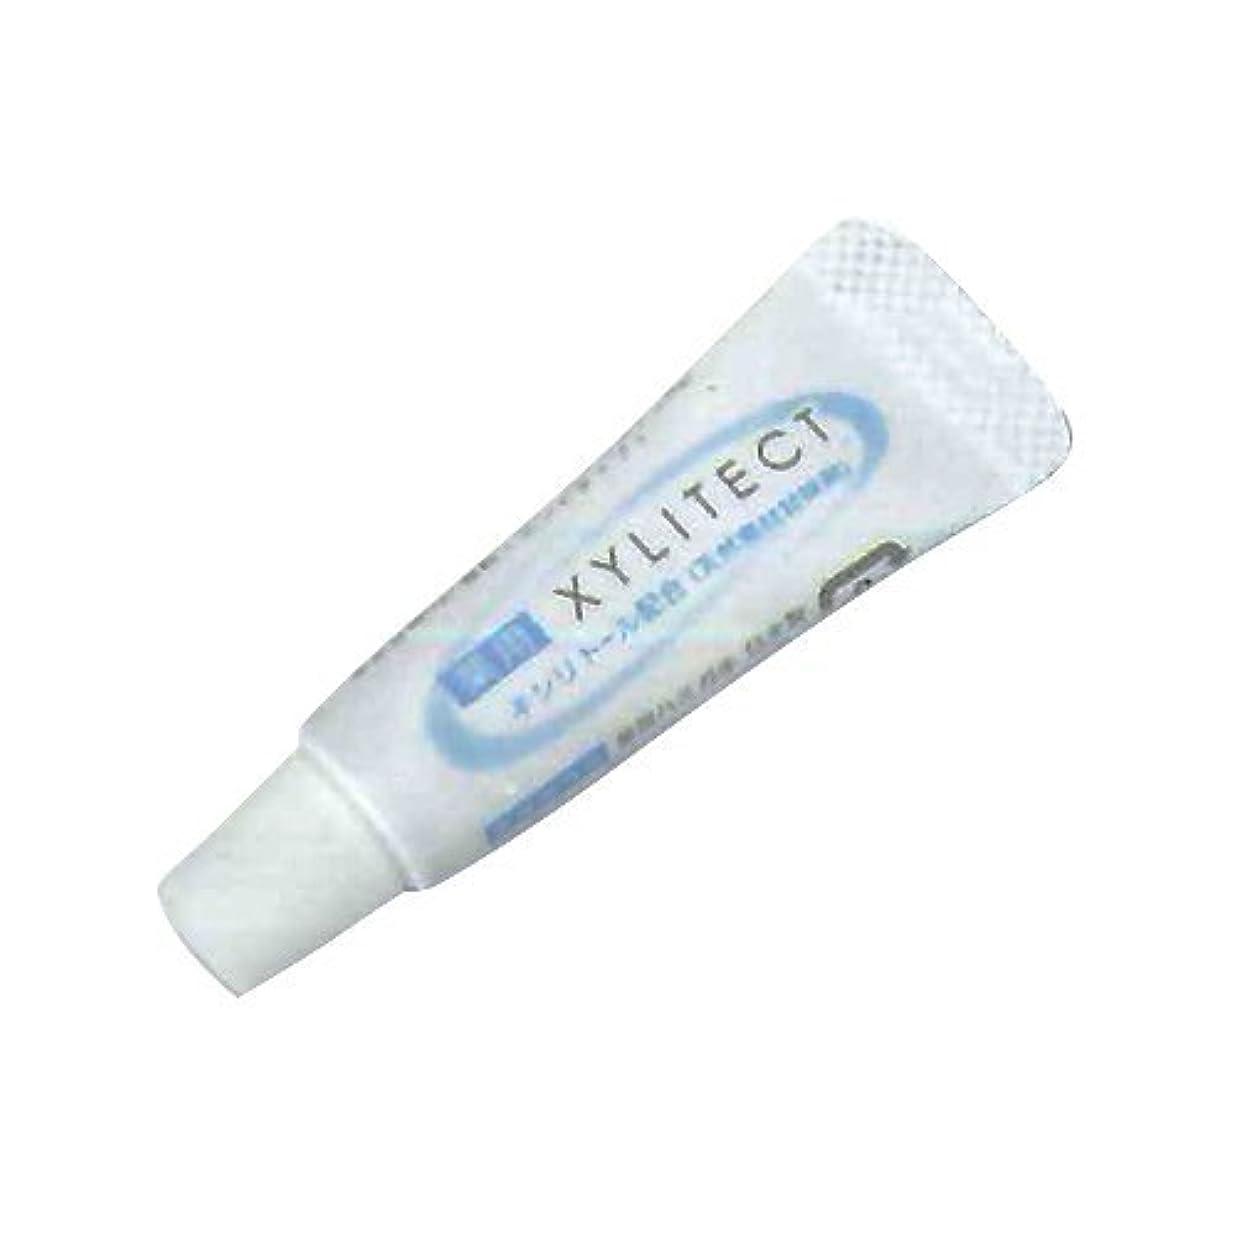 シネマ便益種をまく業務用歯磨き粉 薬用キシリテクト (XYLITECT) 4.5g ×30個セット (個包装タイプ) | ホテルアメニティ ハミガキ toothpaste